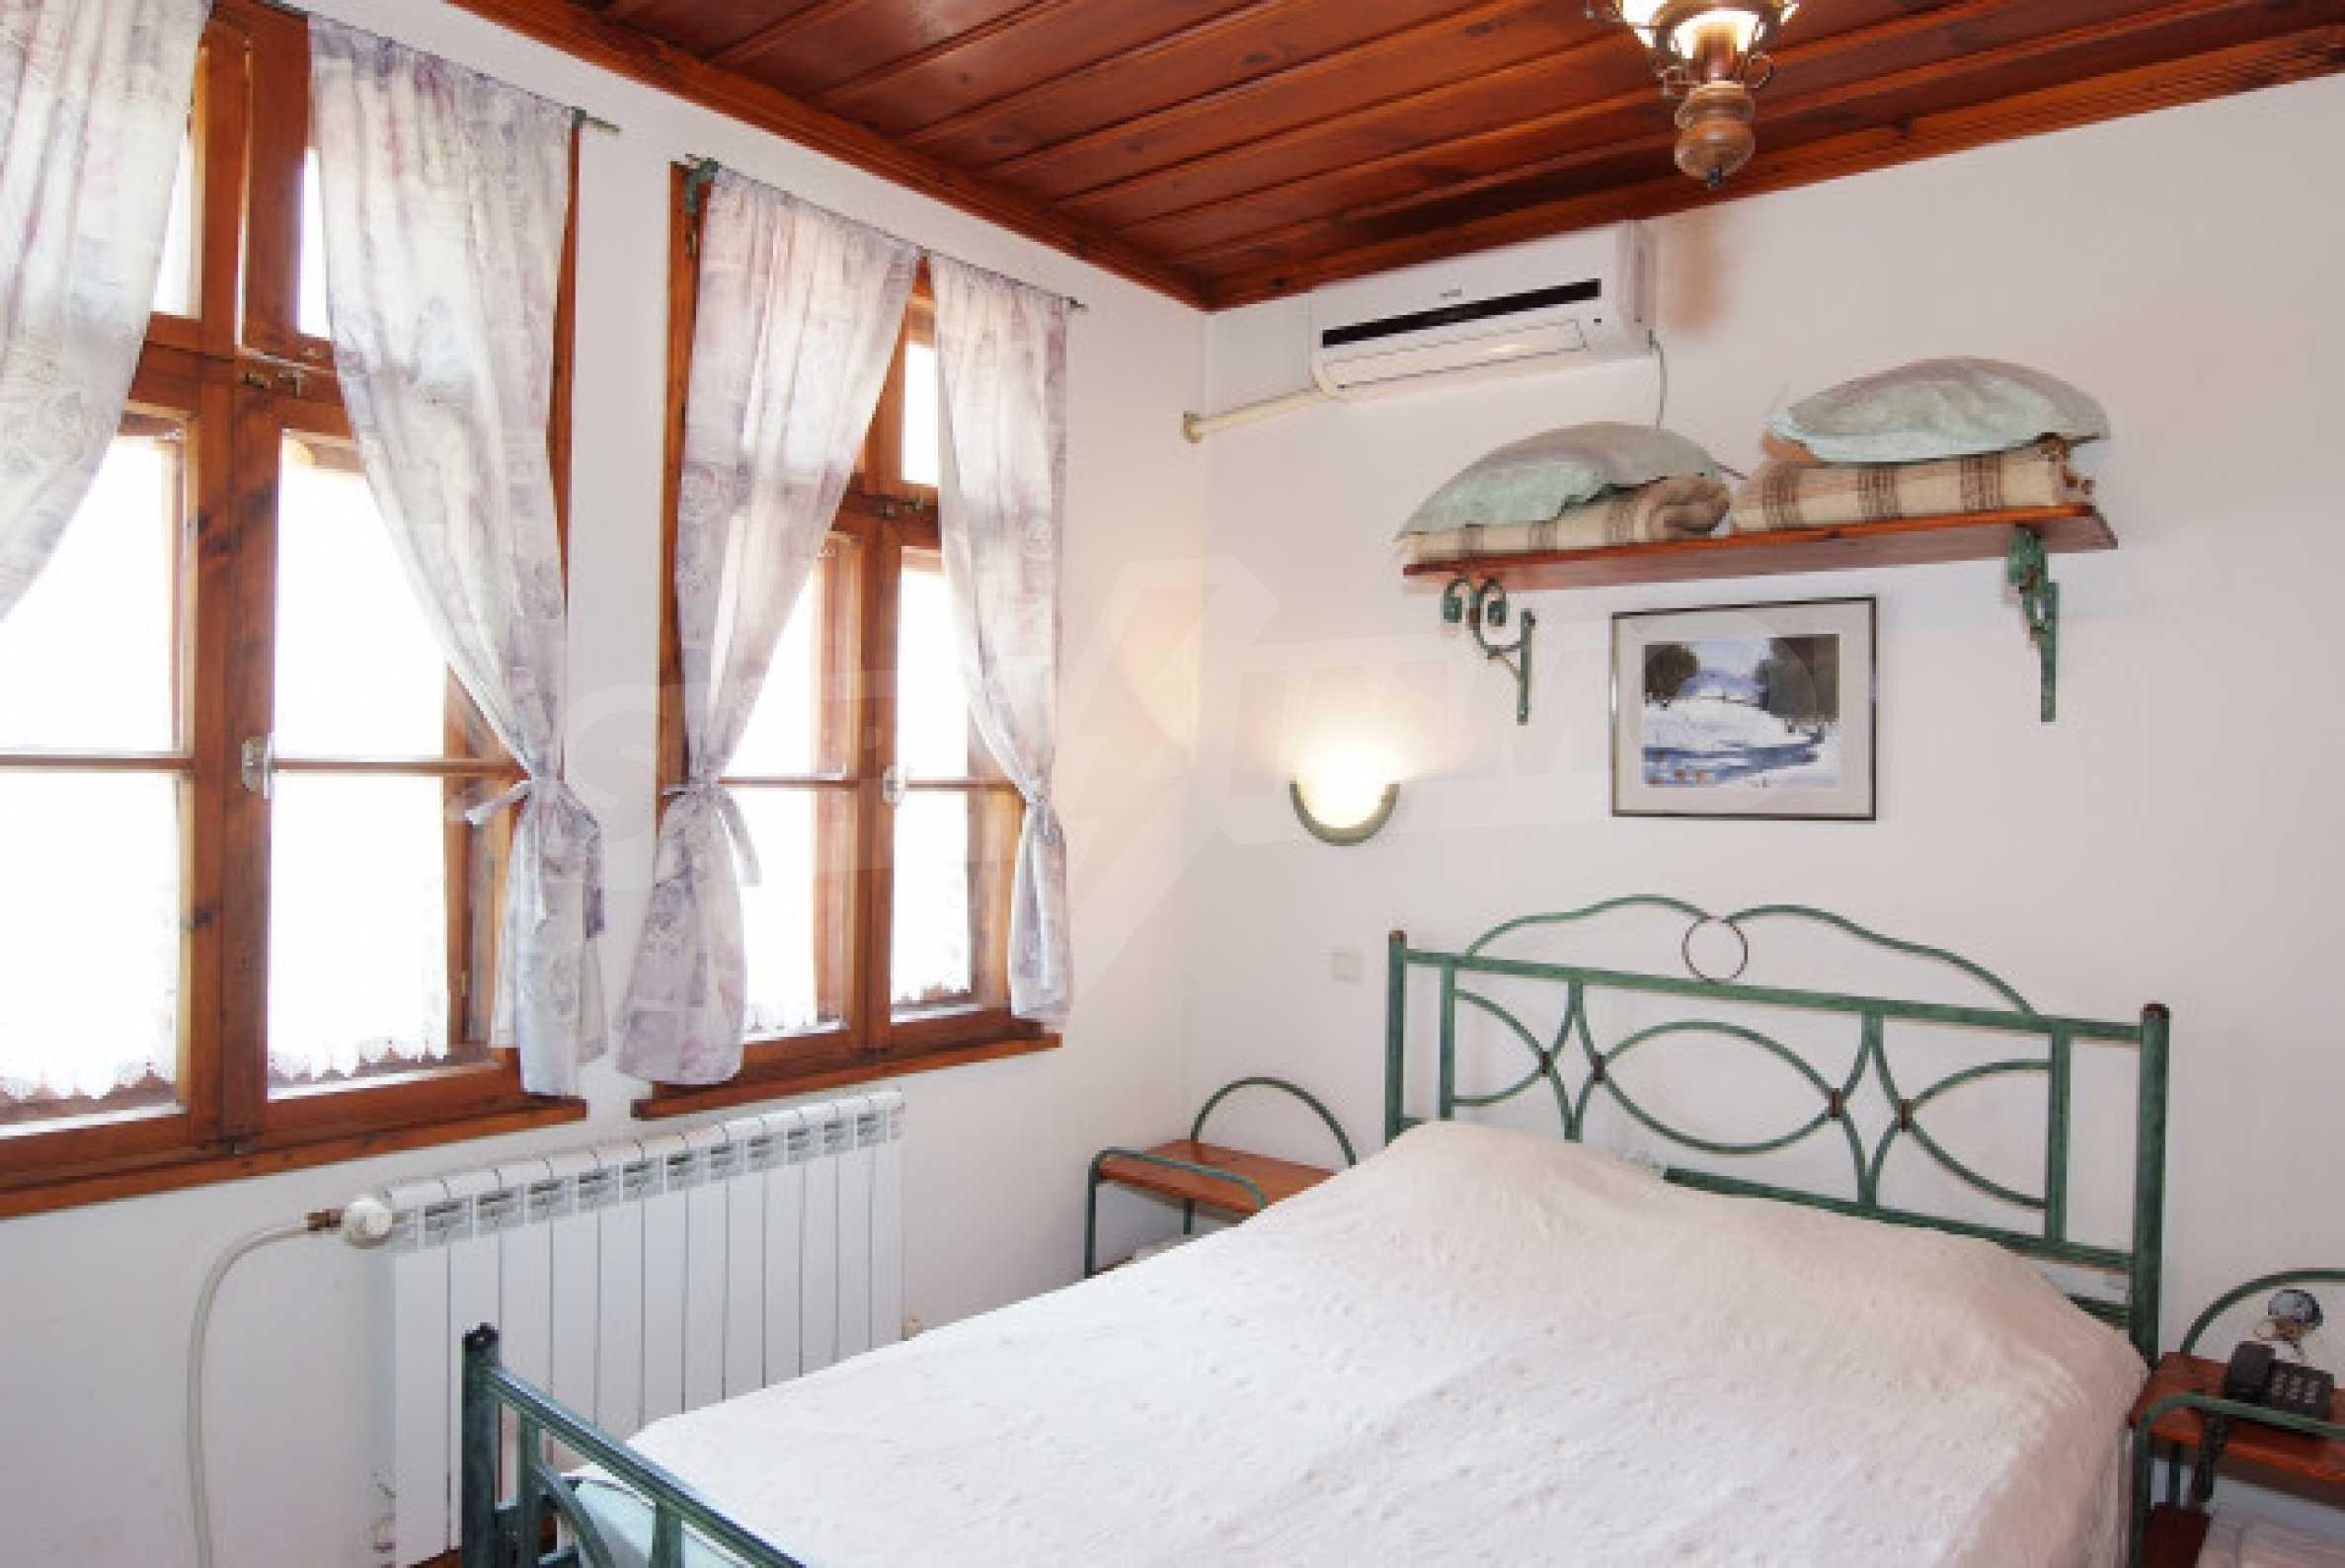 Семеен хотел в центъра на град Мелник 18